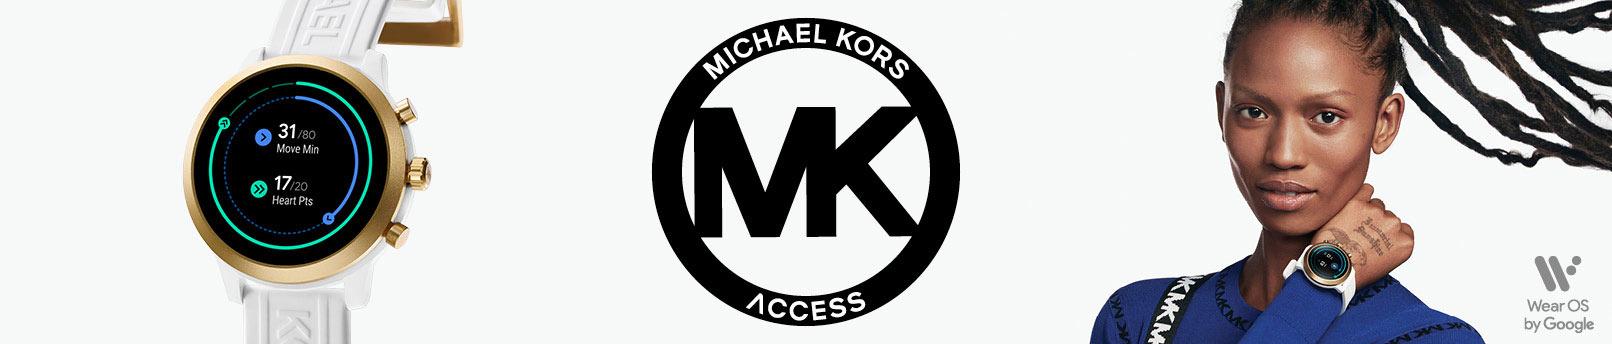 Odkryj Michael Kors